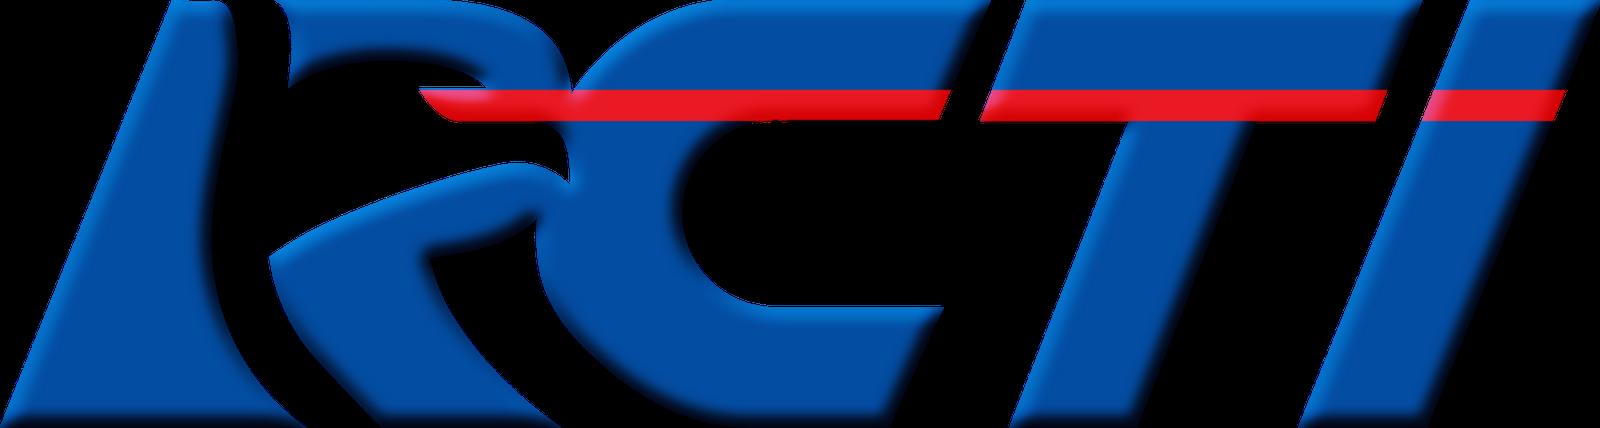 Streaming RCTI Logo